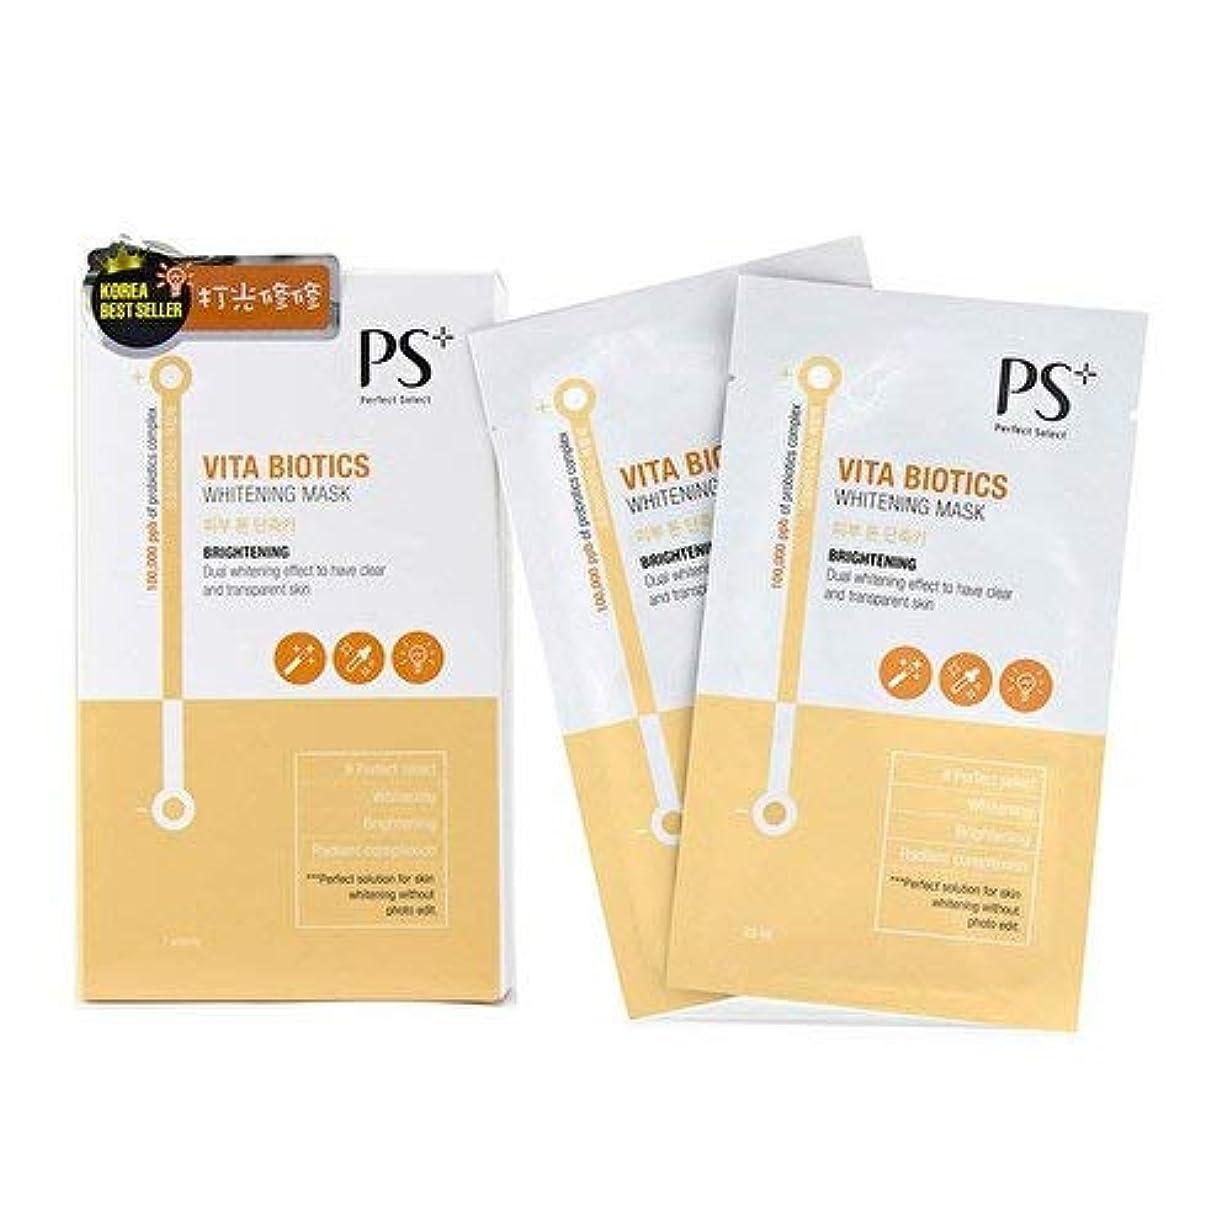 代替案講師お金ゴムPS Perfect Select Vita Biotics Whitening Mask - Brightening 7pcs並行輸入品